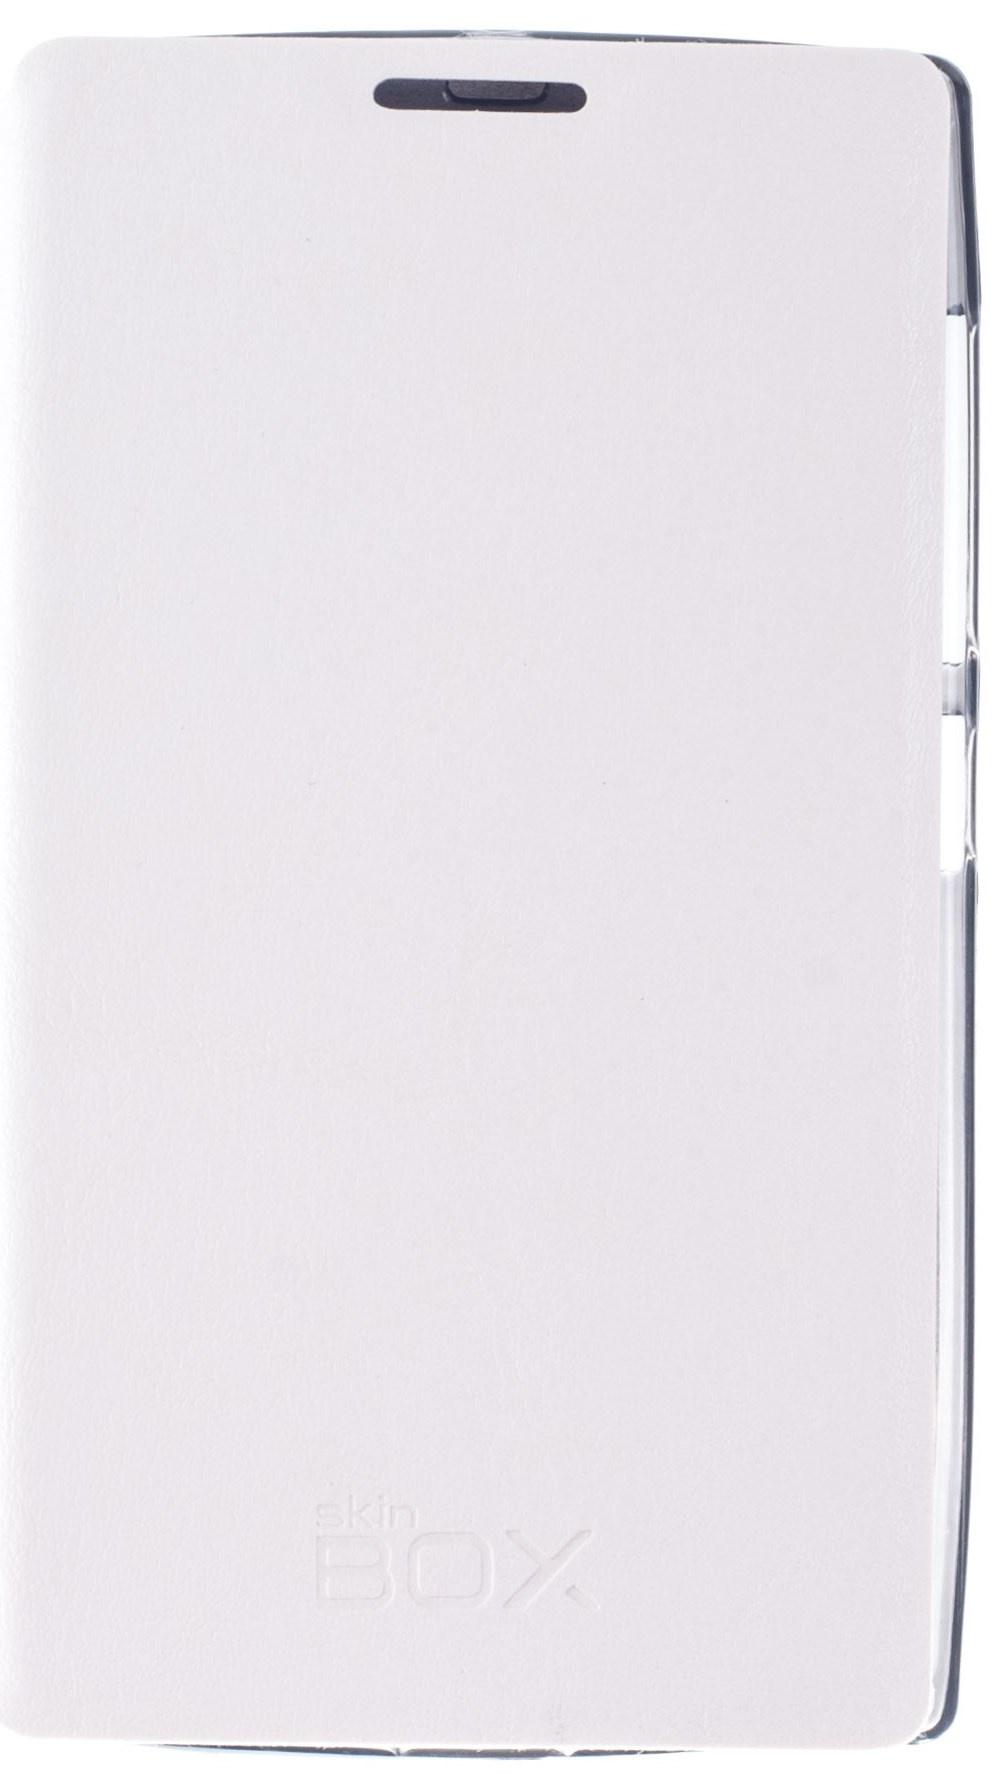 Чехол для сотового телефона skinBOX Lux, 4630042526761, белый чехол книжка для microsoft lumia 532 с магнитной застежкой золотой armor m